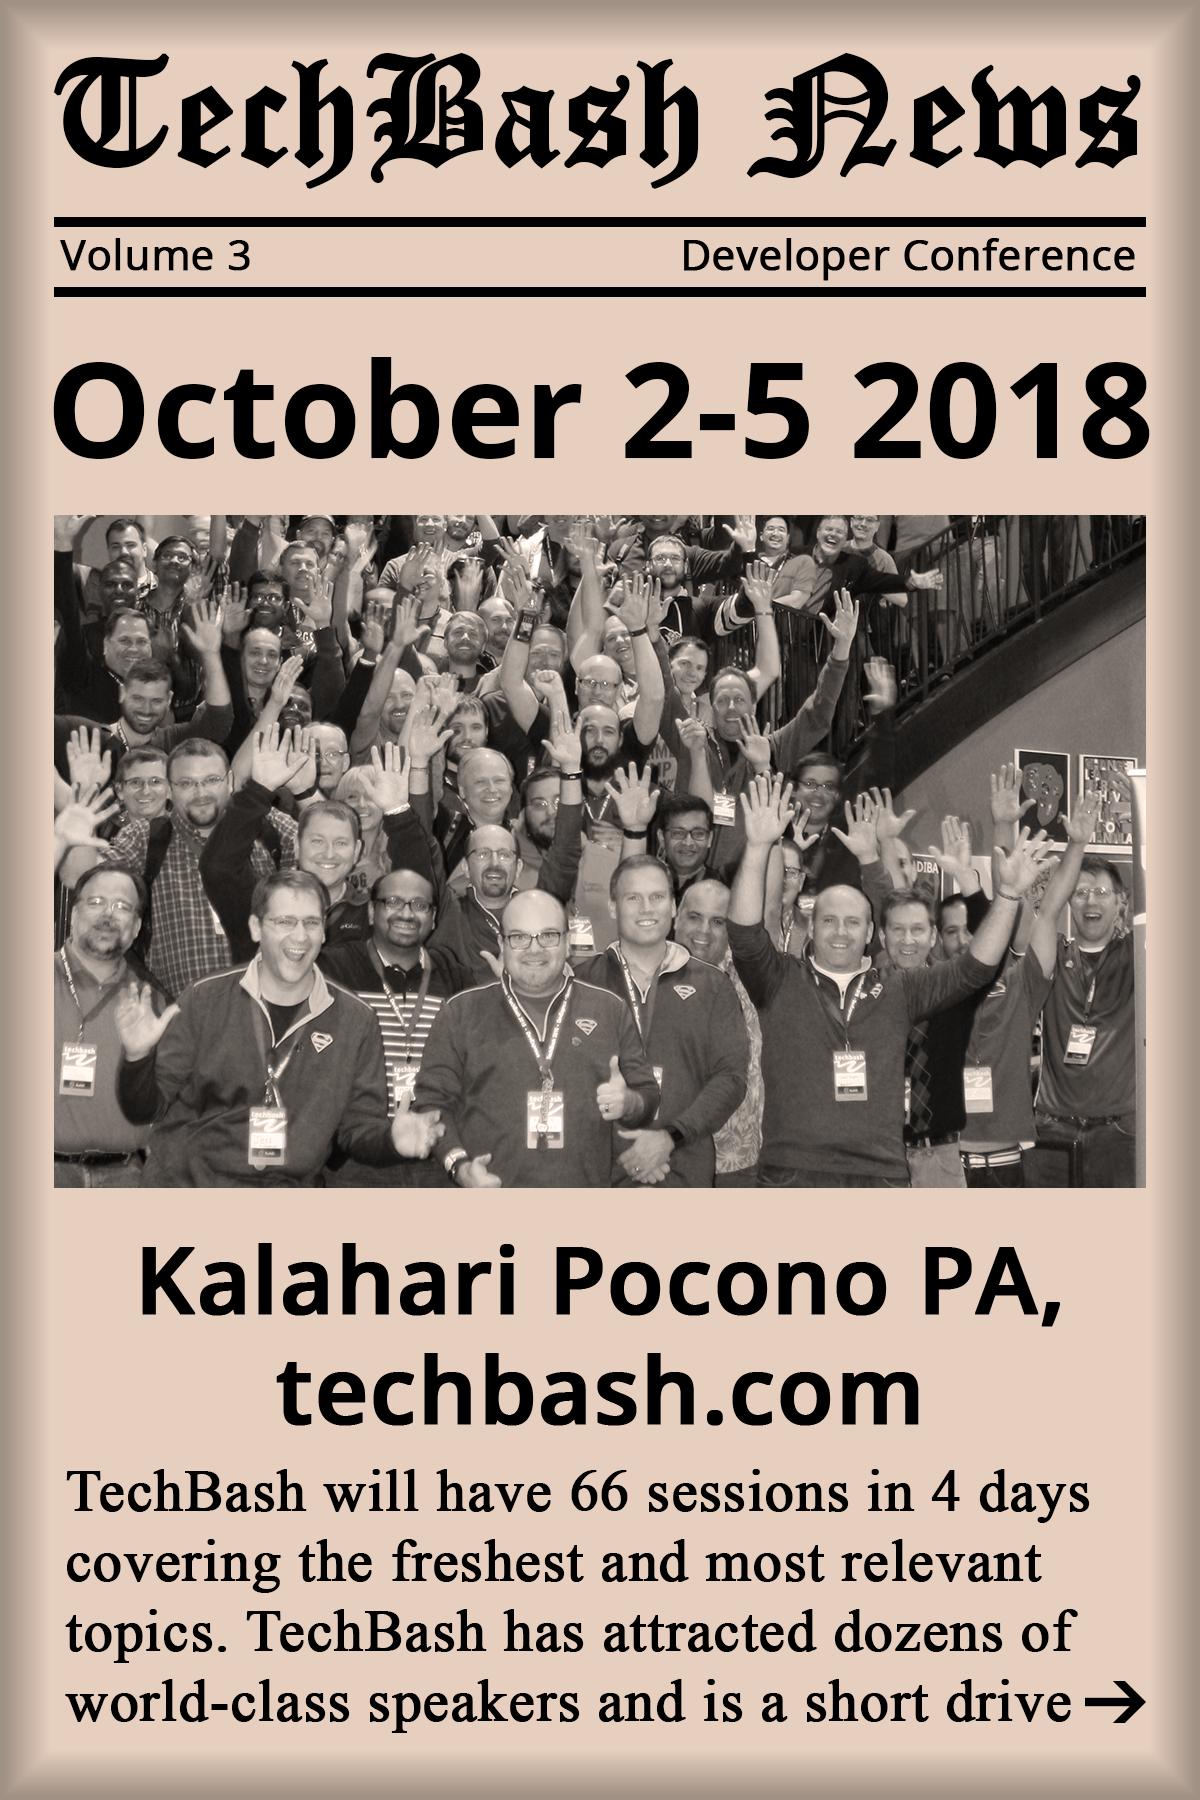 Register for Techbash 2018 developer conference at techbash.com